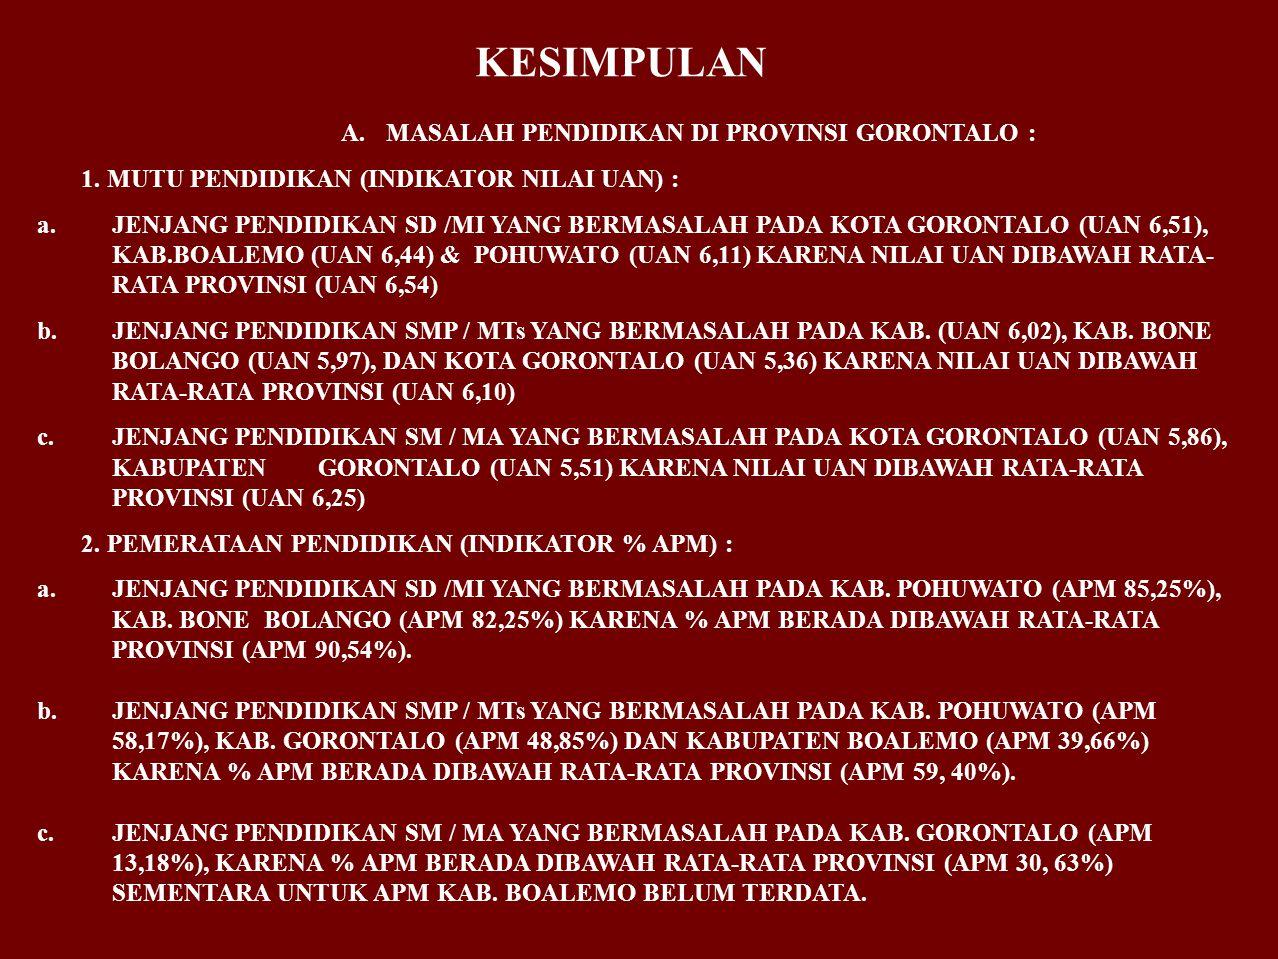 KESIMPULAN MASALAH PENDIDIKAN DI PROVINSI GORONTALO :